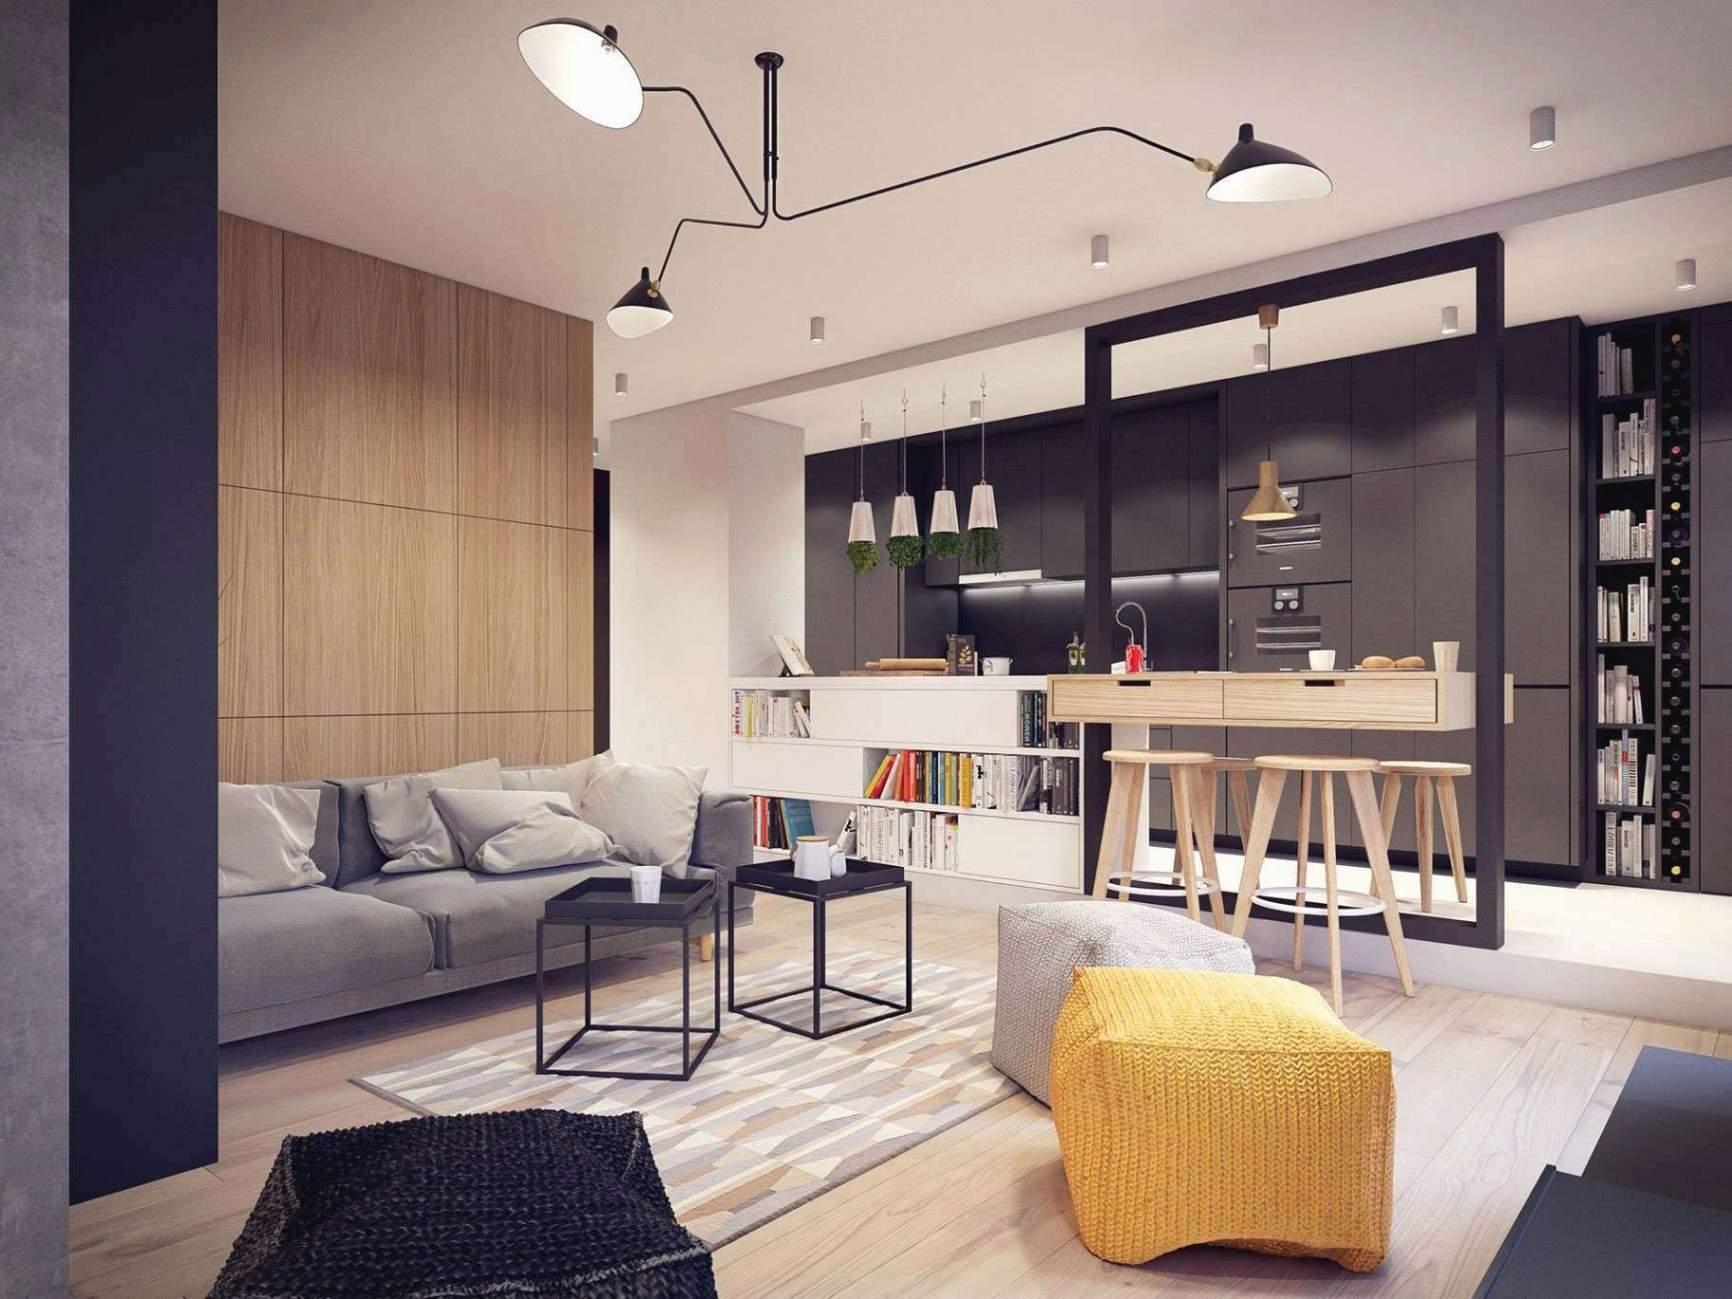 wohnzimmer leuchten schon beleuchtung wohnzimmer spots temobardz hampg of wohnzimmer leuchten